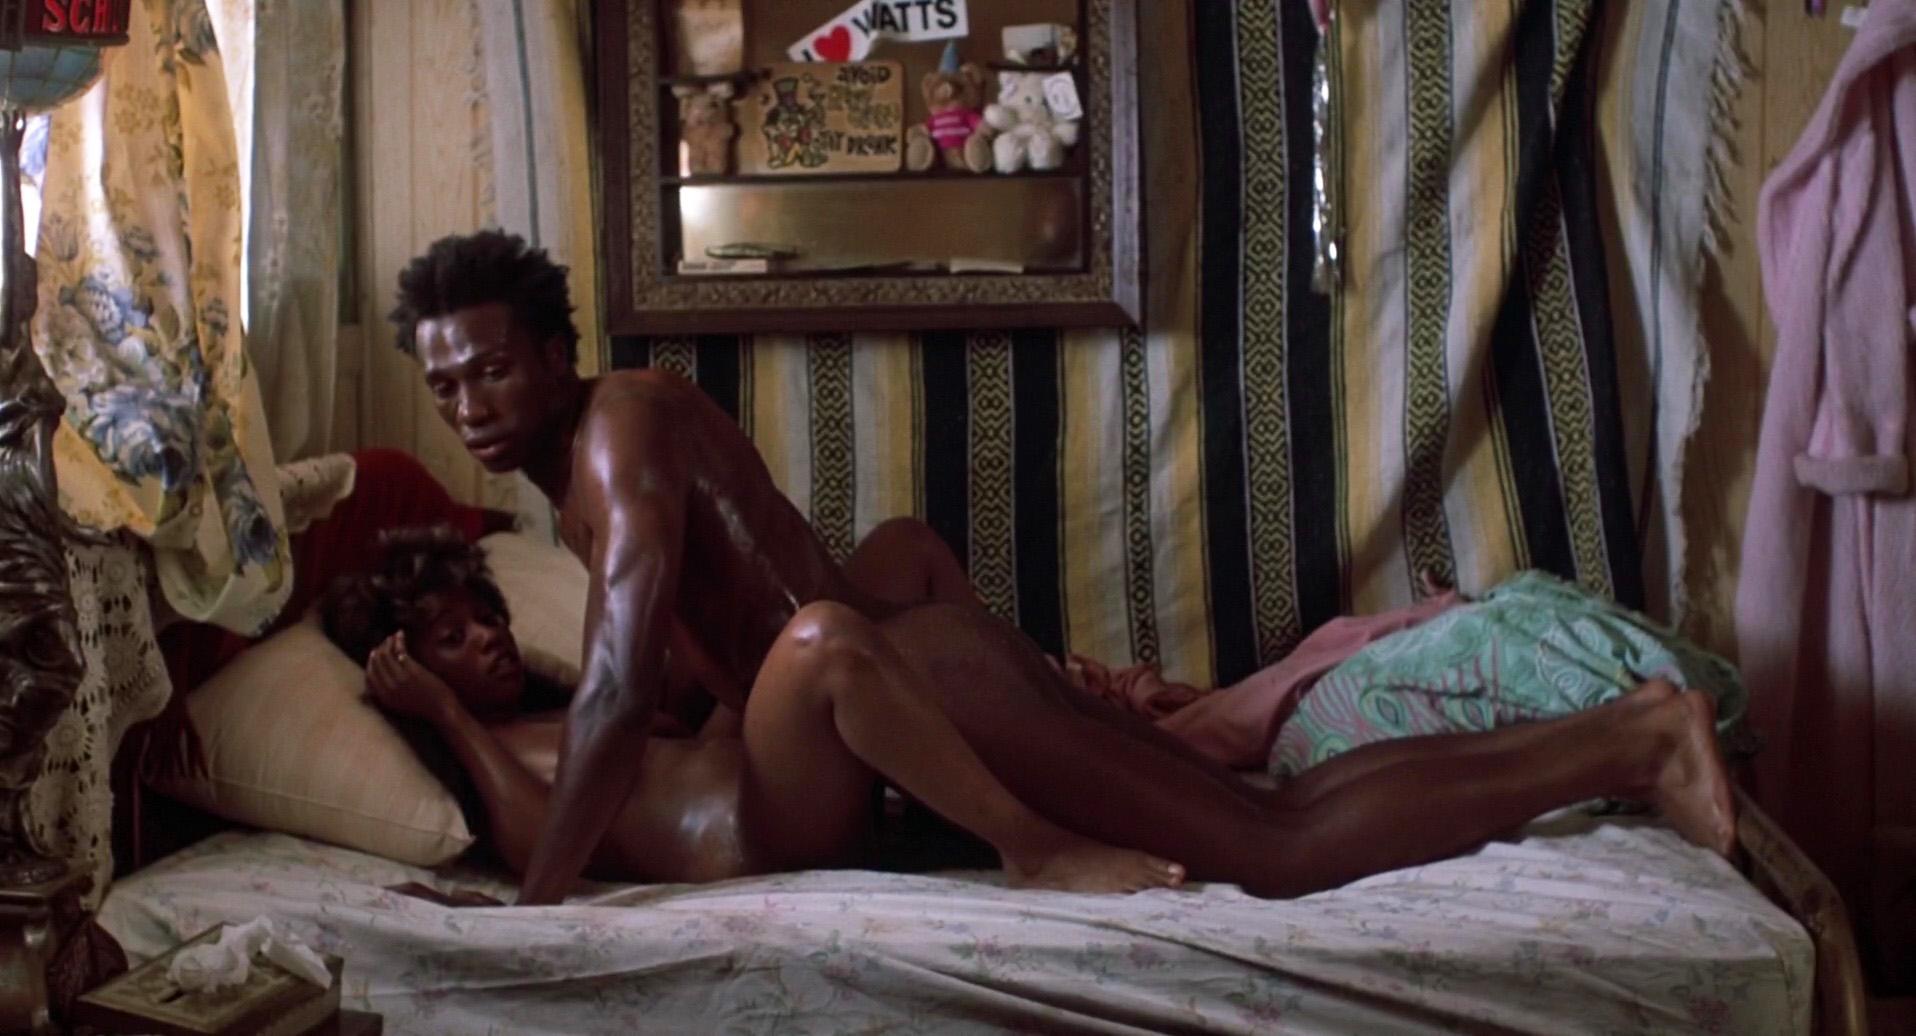 laci kay somer naked